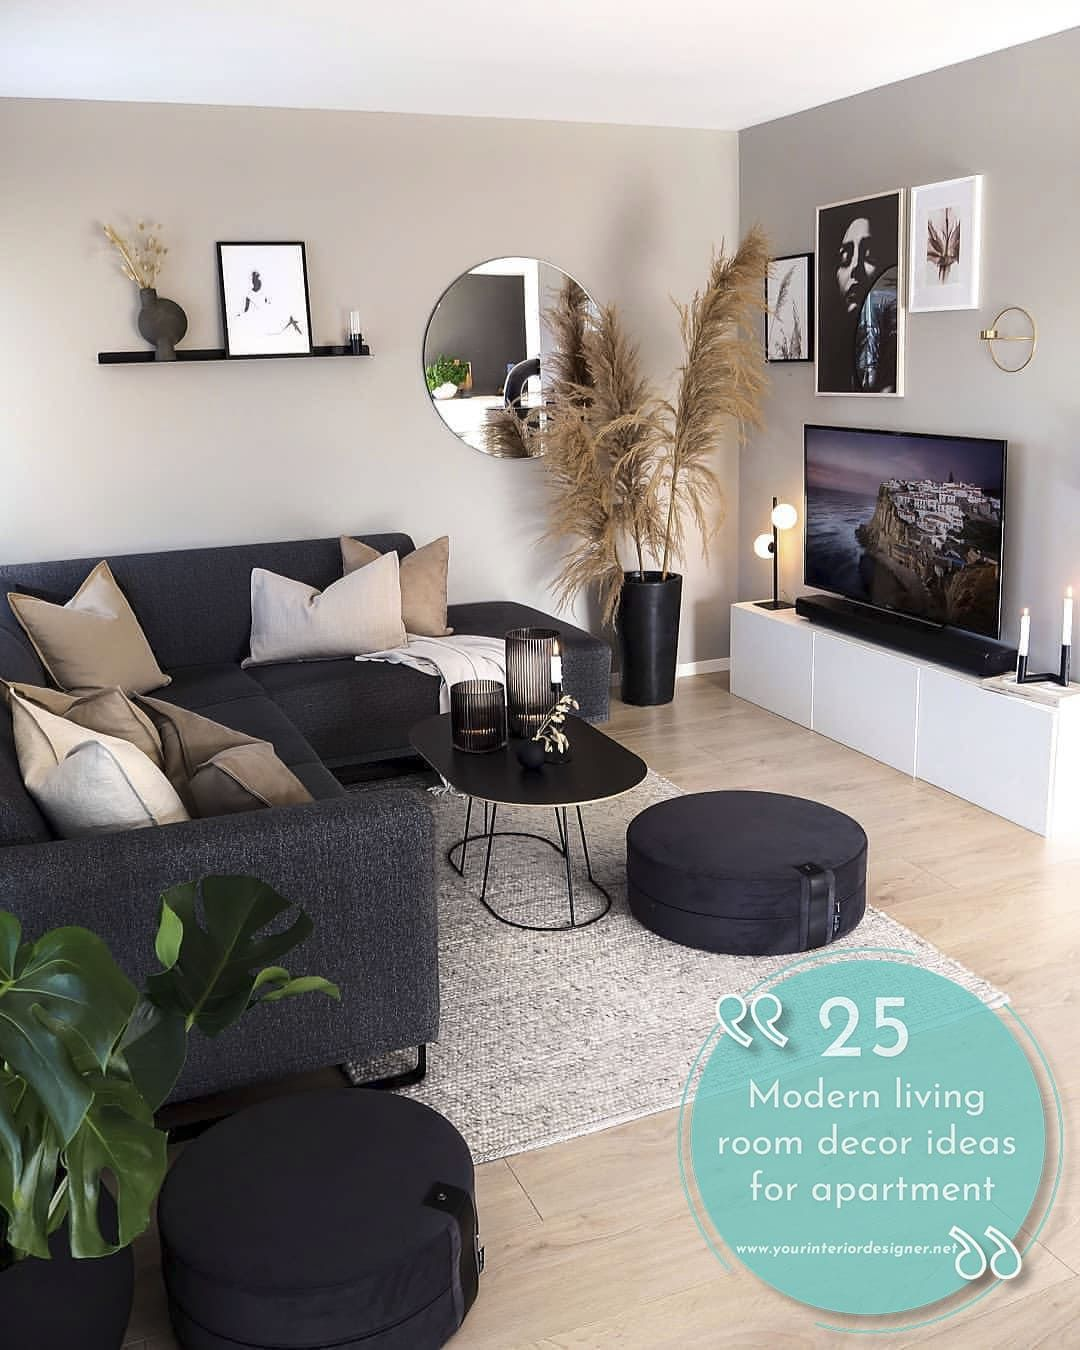 Schöne 15 Ideen Wohnzimmer Dekor Wohnung